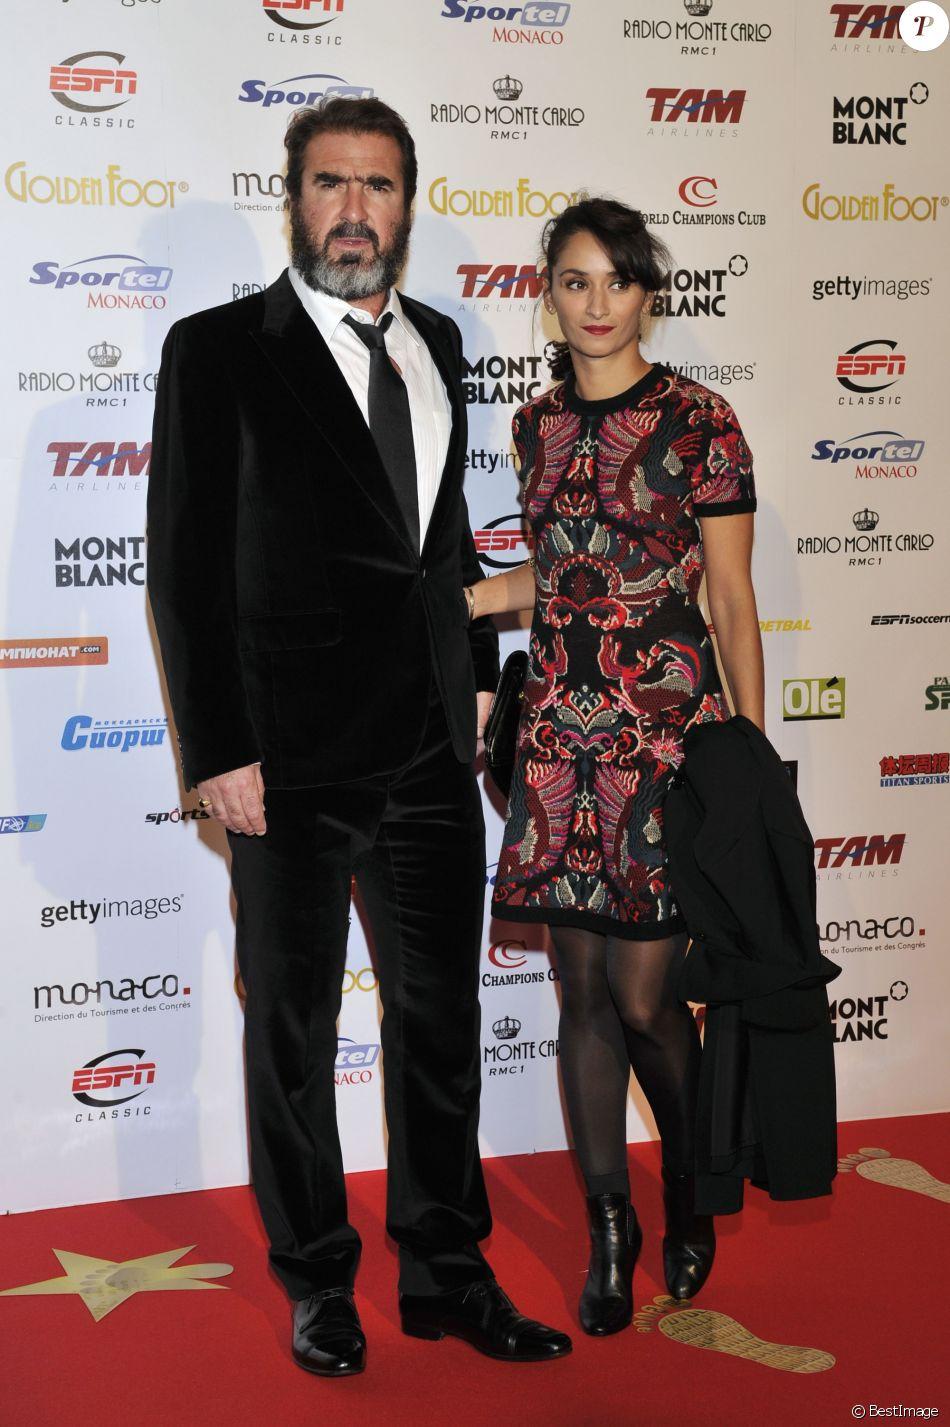 Eric Cantona et Rachida Brakni - La princesse Stephanie de Monaco assiste a la ceremonie du 'Golden Foot Award' a Monaco le 17 avril 2012.